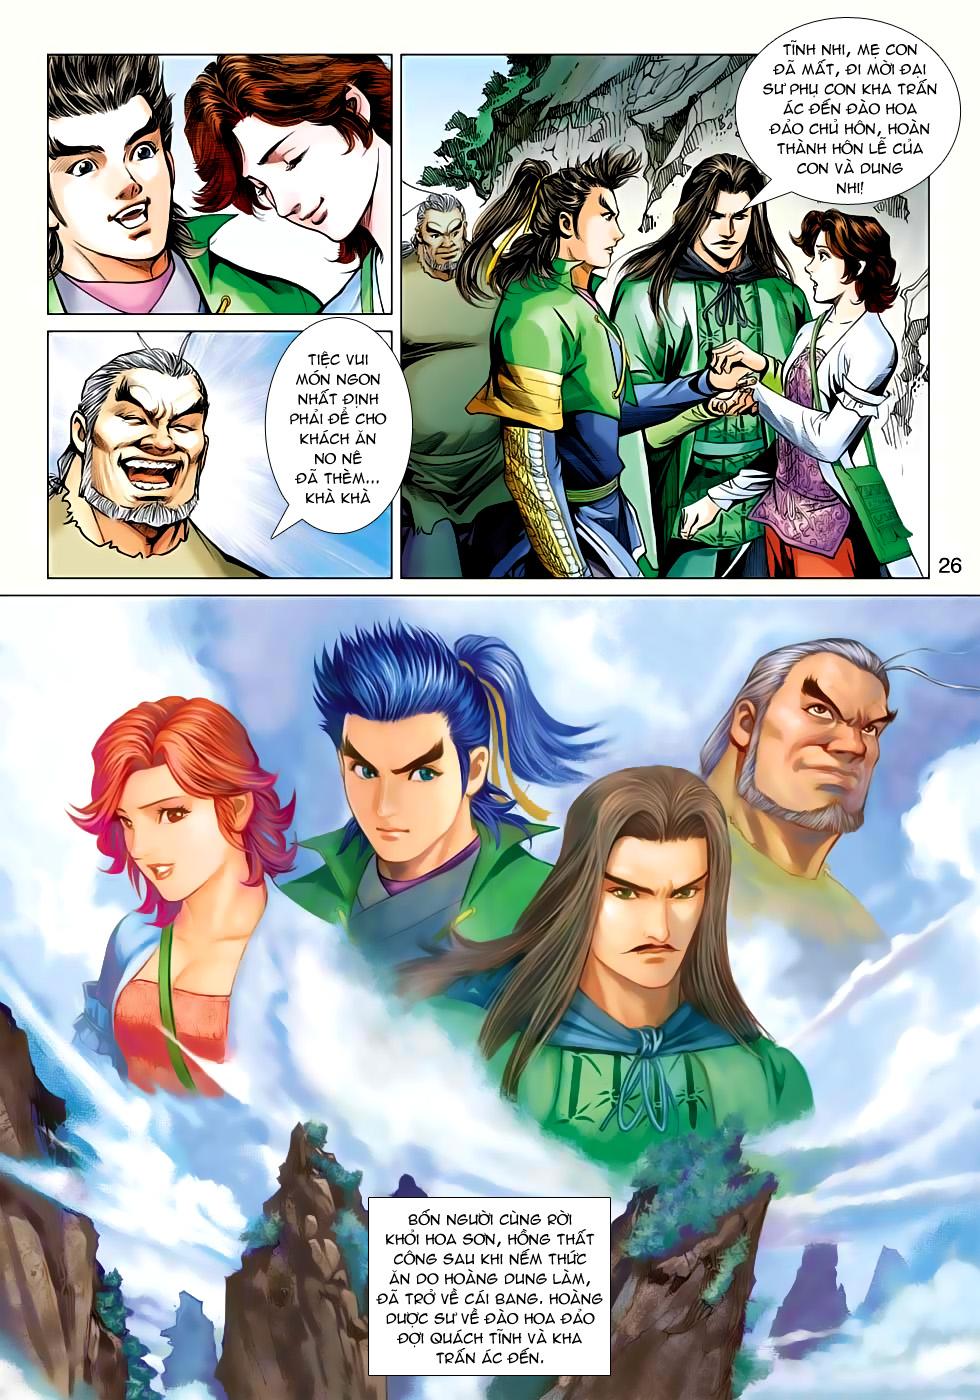 Xạ Điêu Anh Hùng Truyện chap 100 – End Trang 26 - Mangak.info